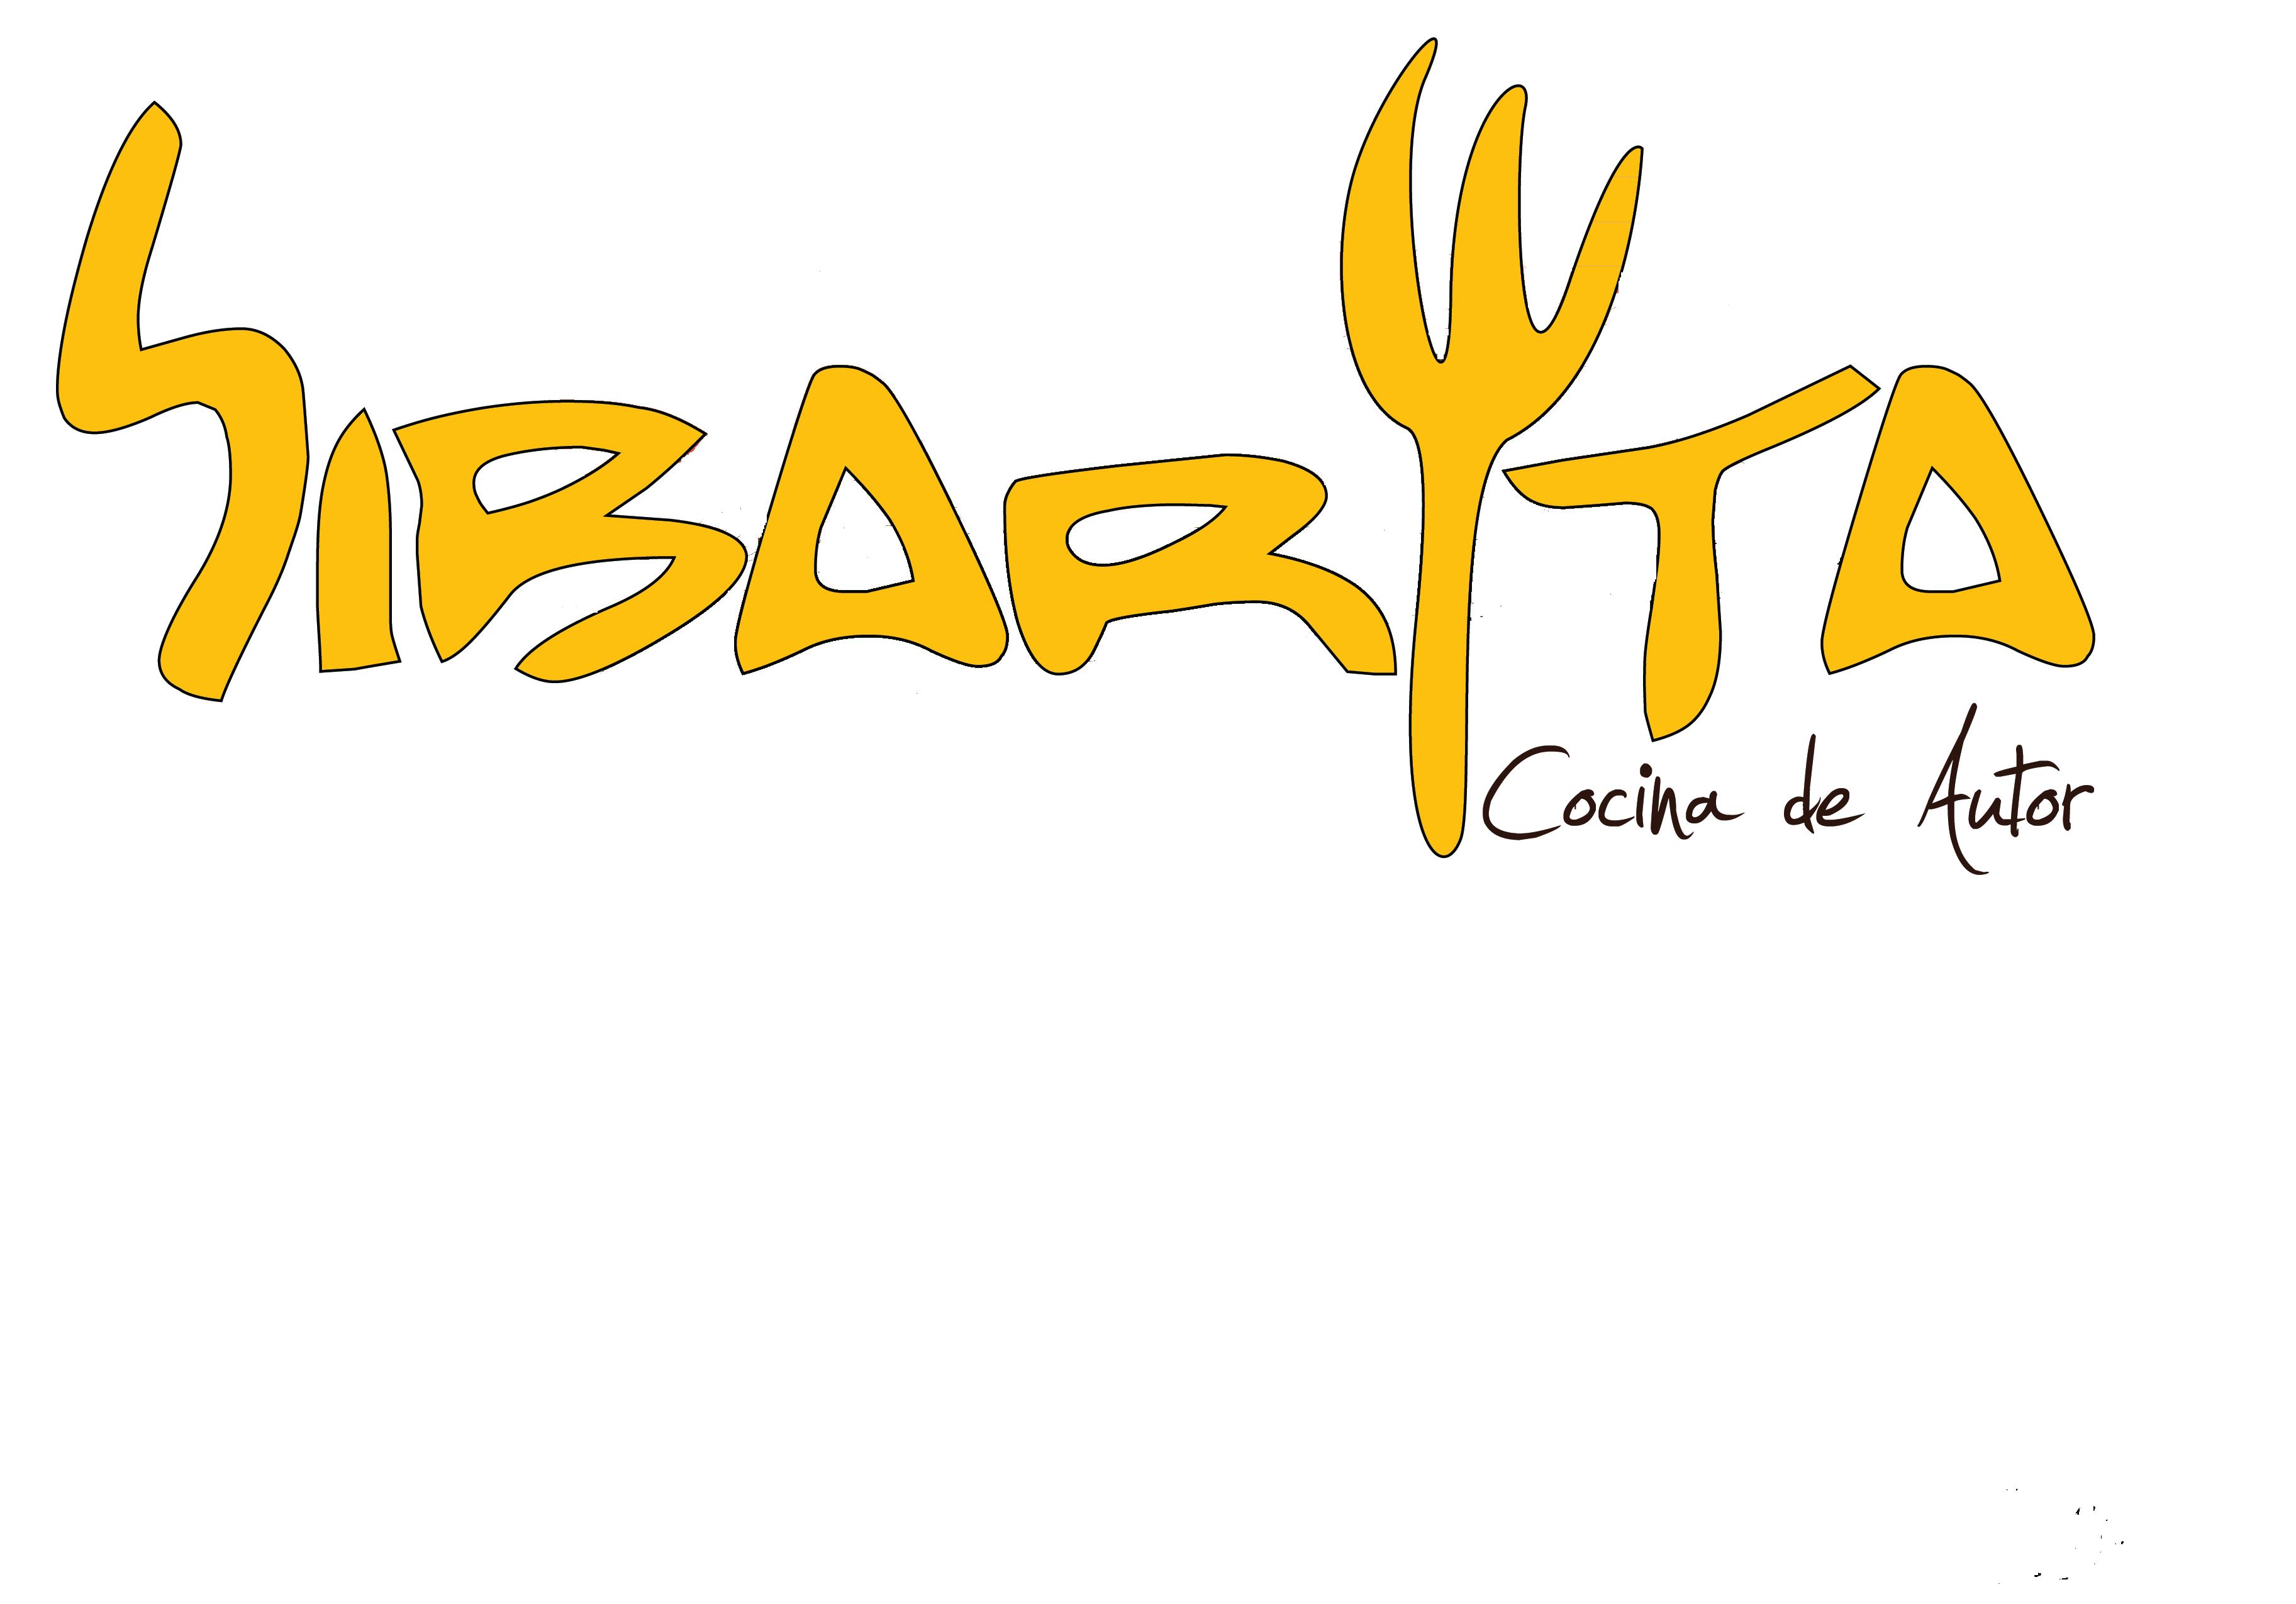 Sibarita cocina de autor mexicali - Cocina de autor ...